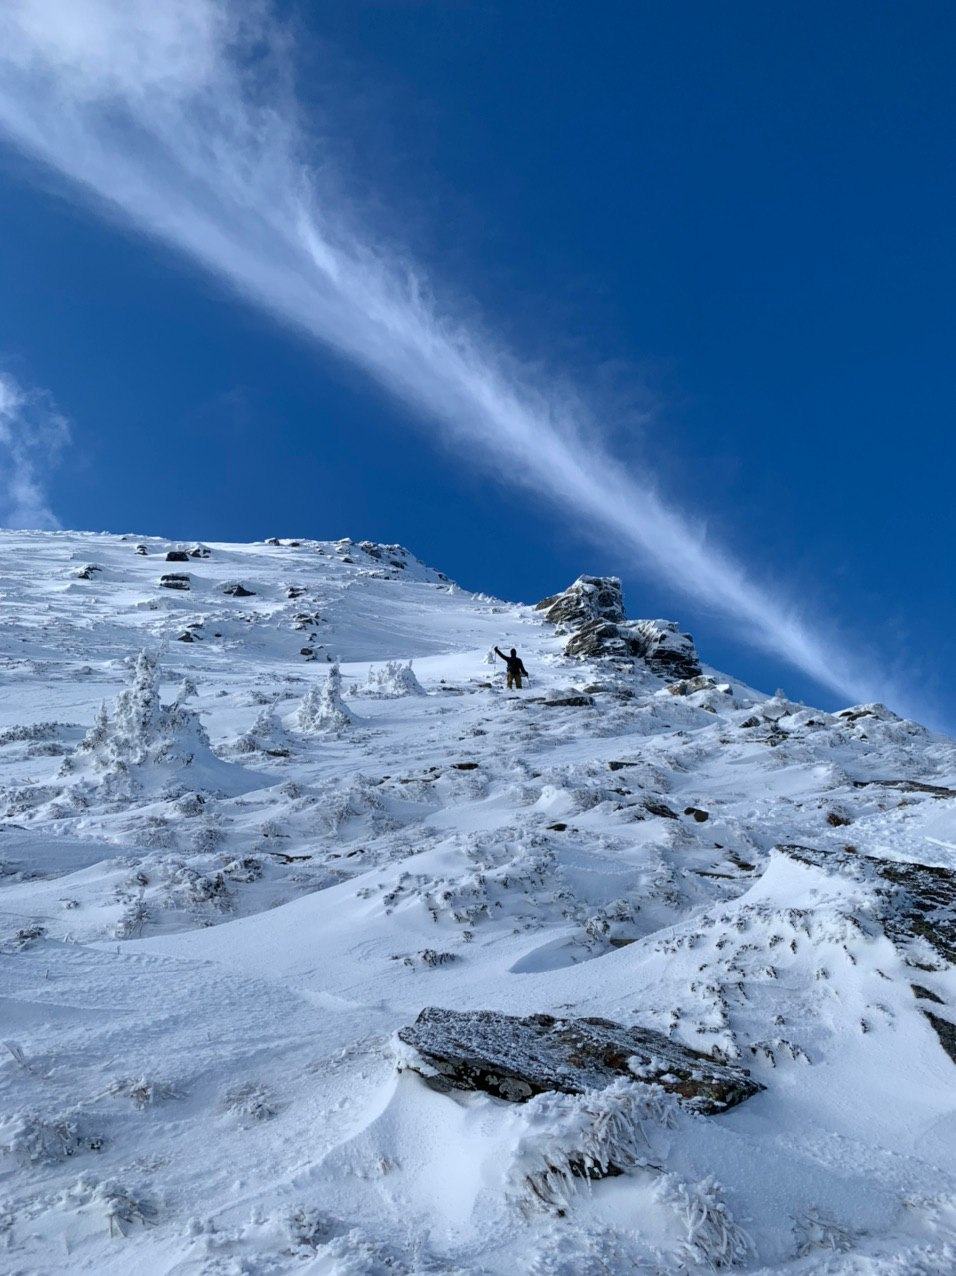 Сходження на Петрос (2020 м). Зима. Похід вихідного дня.